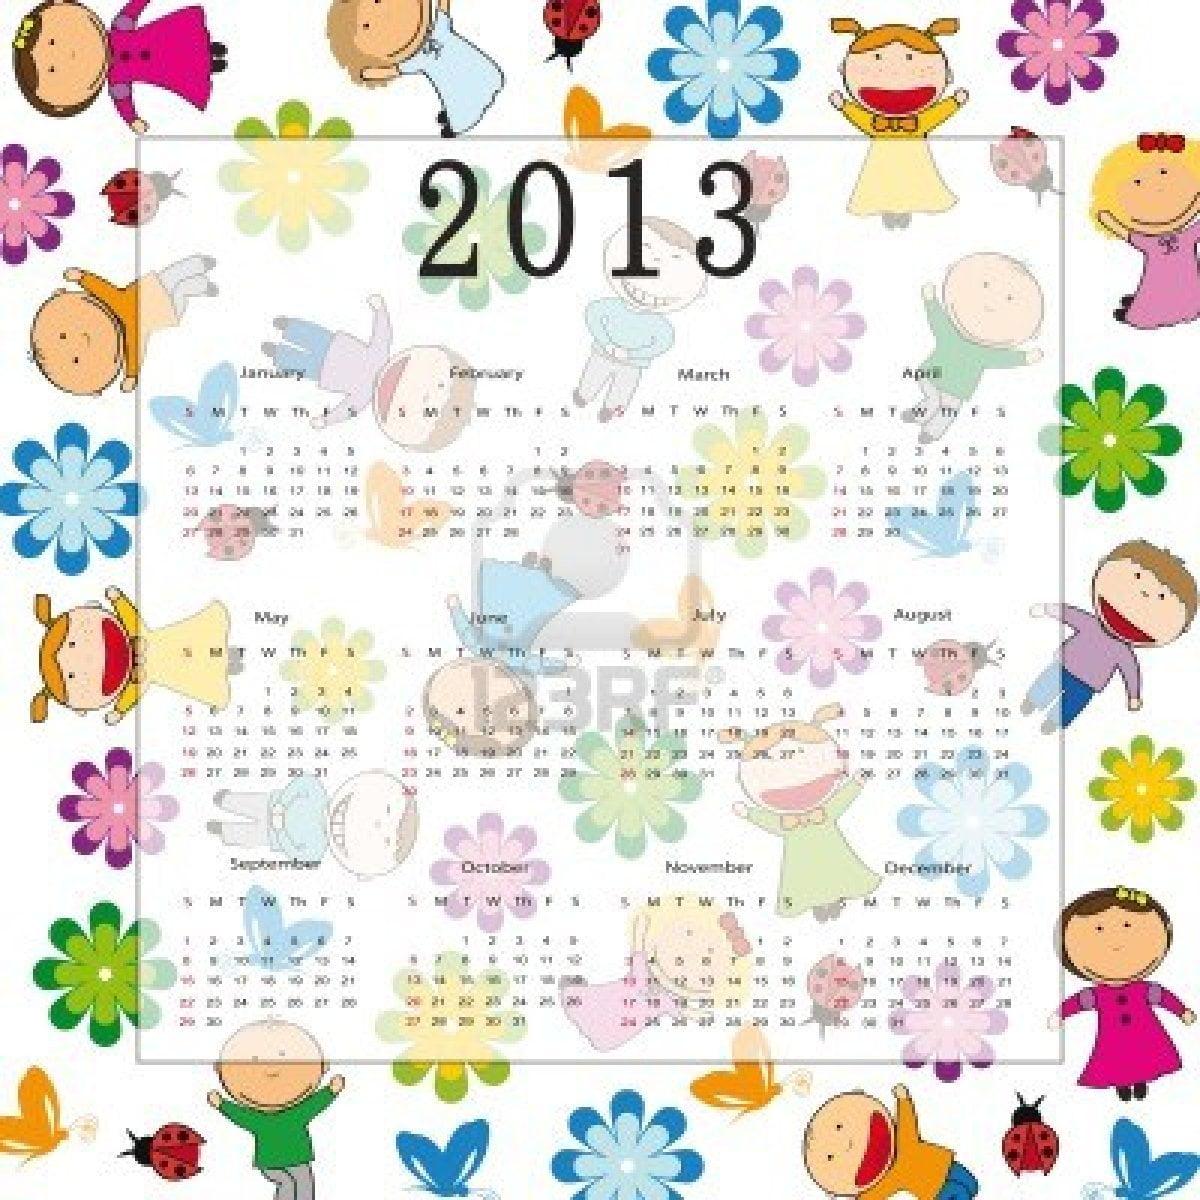 Metodo Del Calendario.El Metodo Anticonceptivo Del Calendario 75 De Eficacia Mujer Y Punto